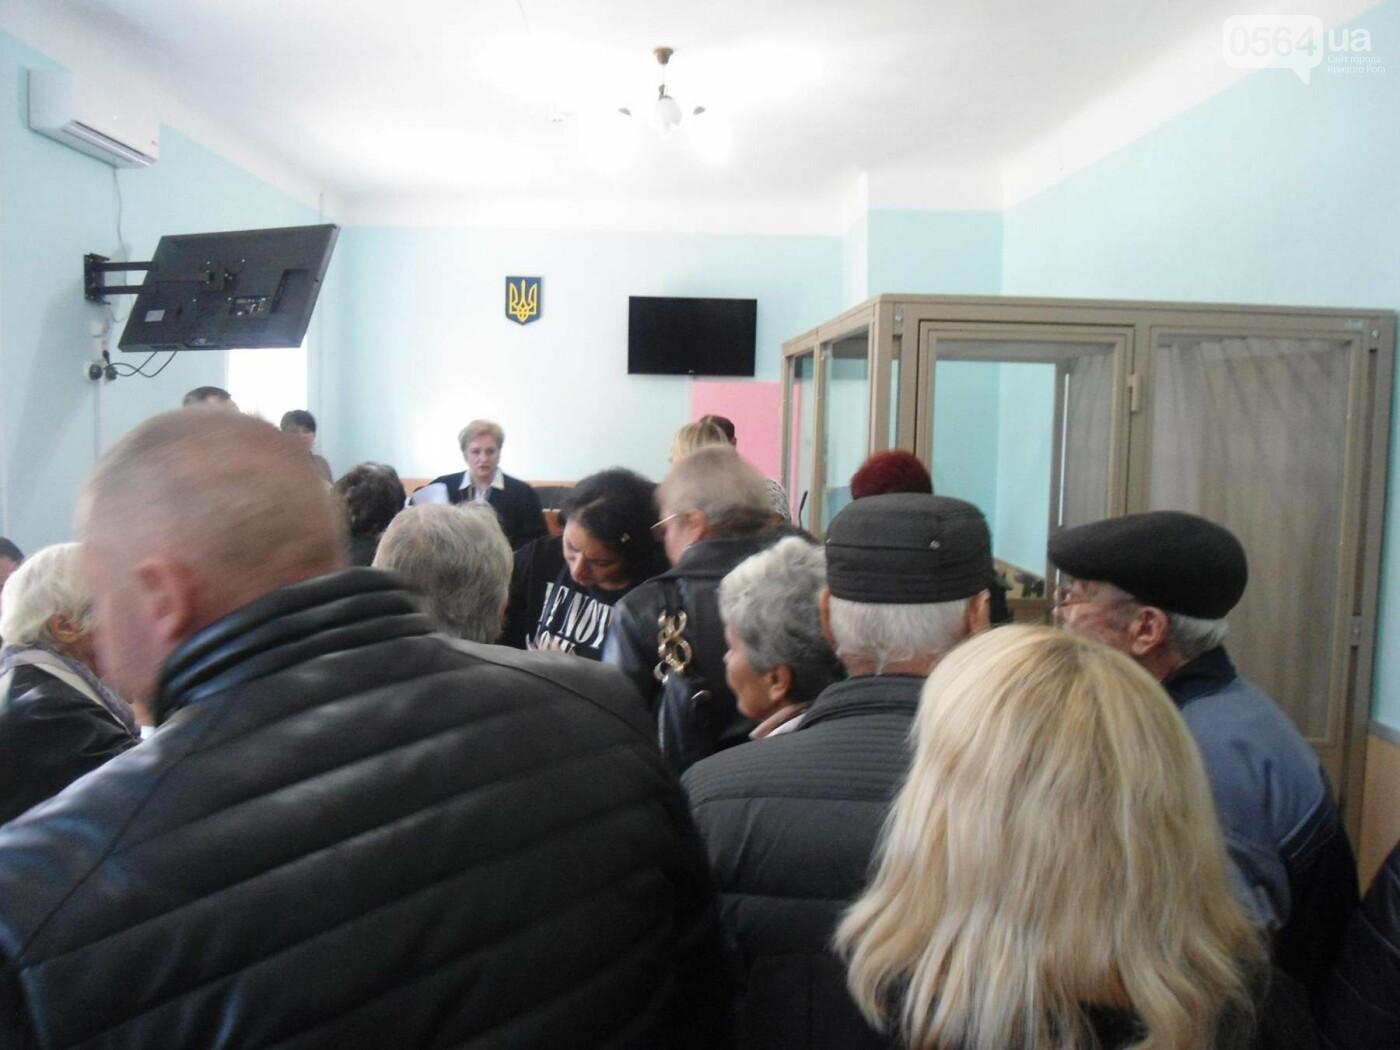 """Борьба между жителями многоэтажки и """"Криворожгазом"""" продолжается в Апелляционном суде (ФОТО, ВИДЕО), фото-14"""